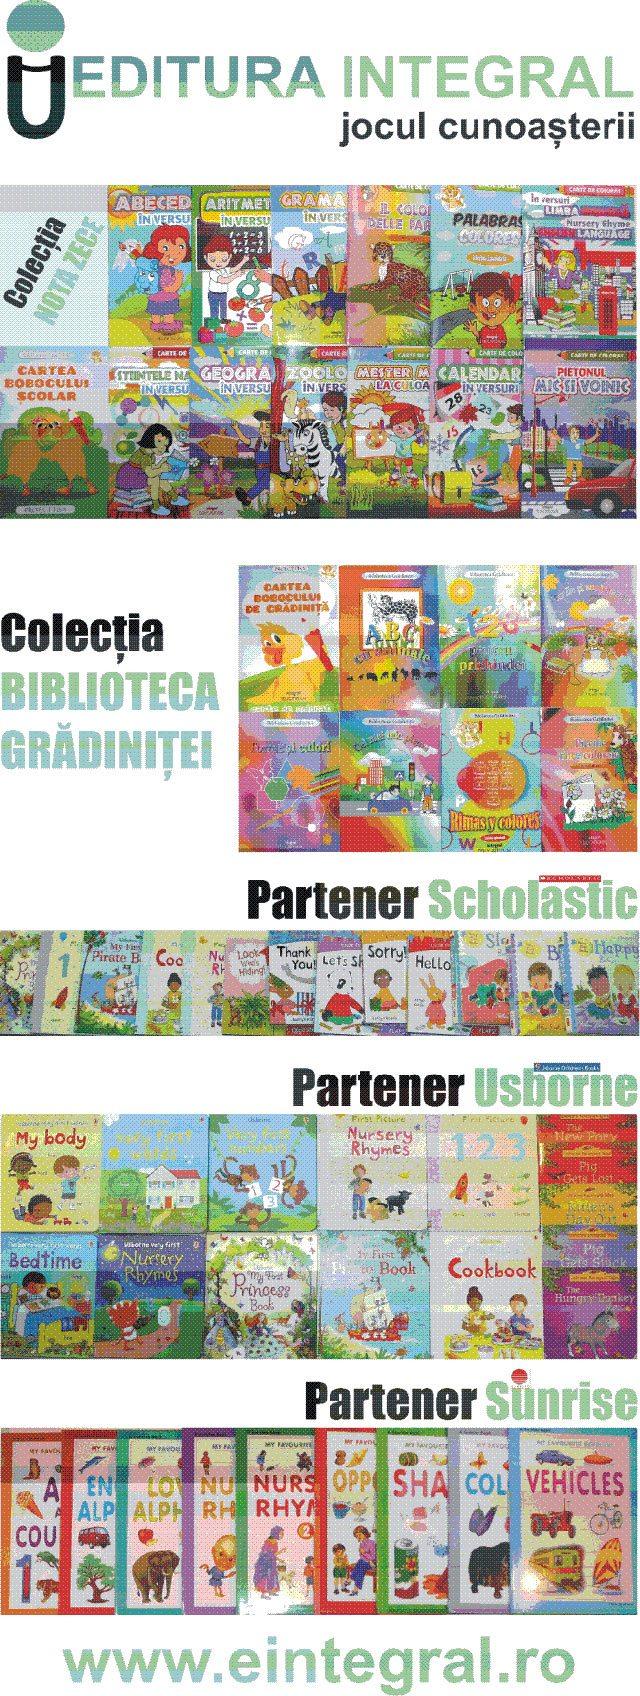 Banner-bookuria-30-09-14